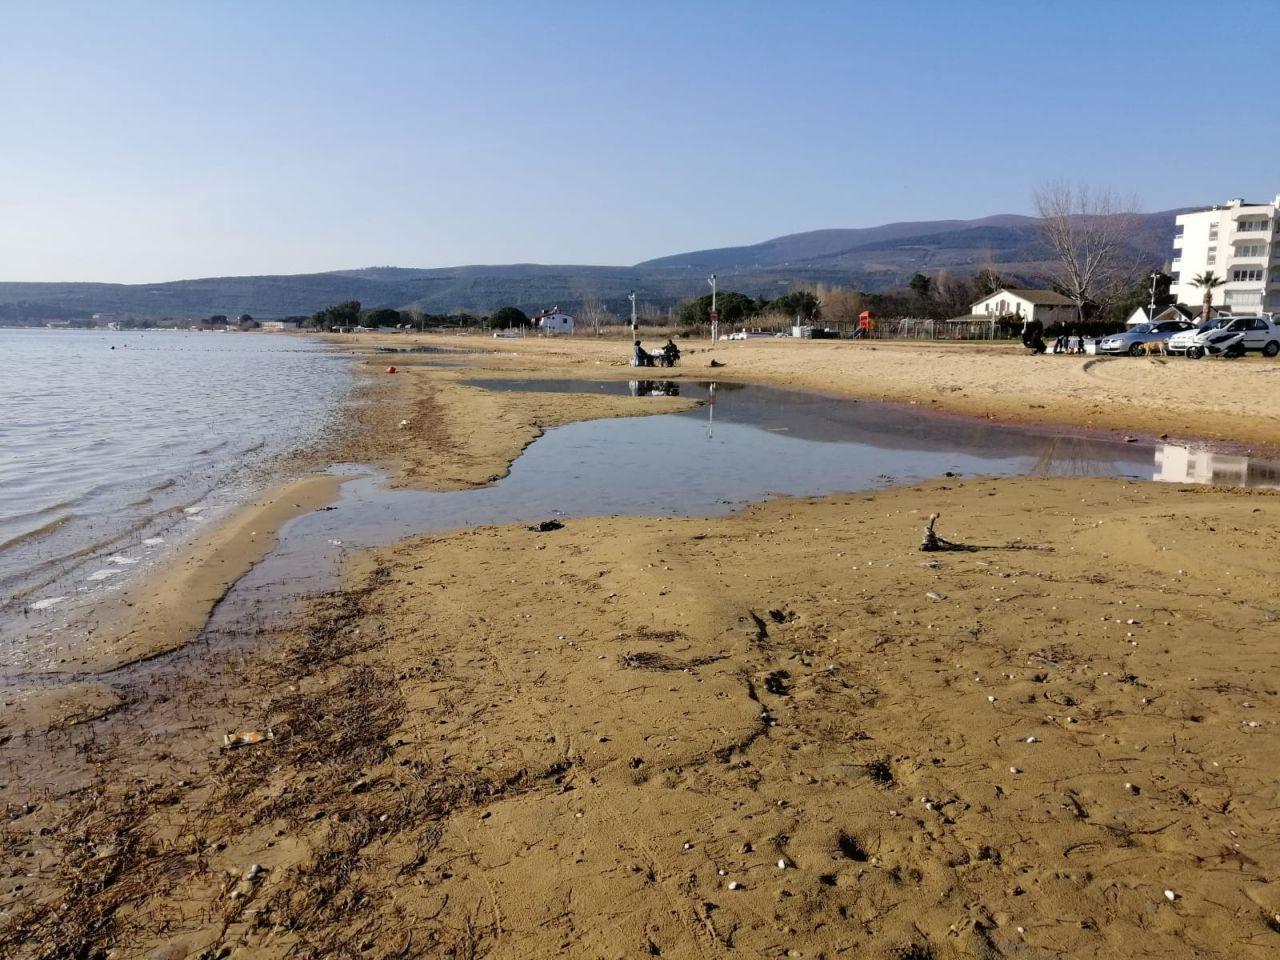 Balıkesir'in Erdek İlçesi'ndeki Düzler sahilinde korkutan görüntü! video izle - Sayfa 4